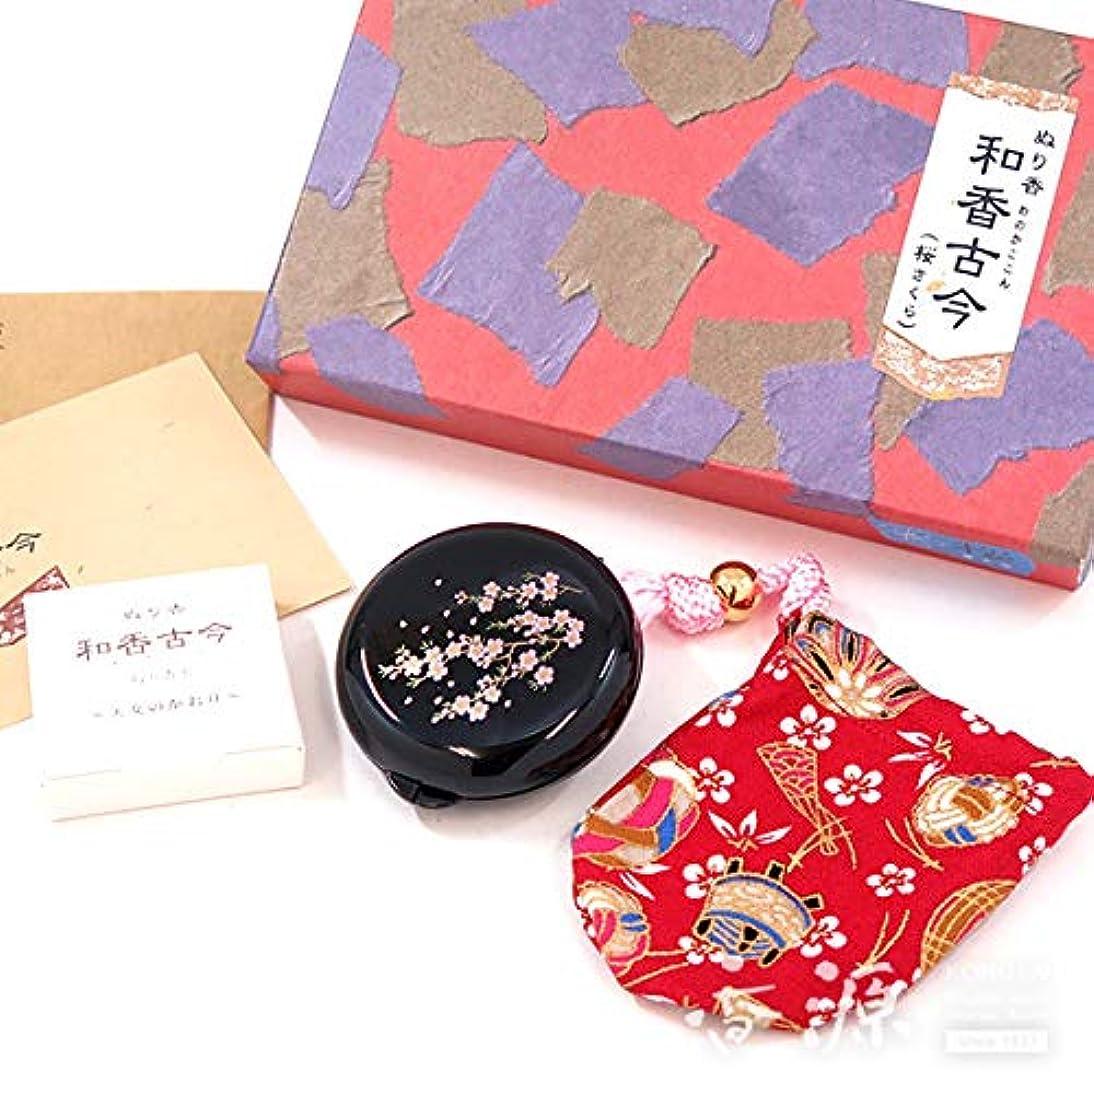 回転させる主導権いじめっ子長川仁三郎商店のお香 和香古今(わのかここん)天女の香り 桜(黒のコンパクト)?赤の巾着のセット